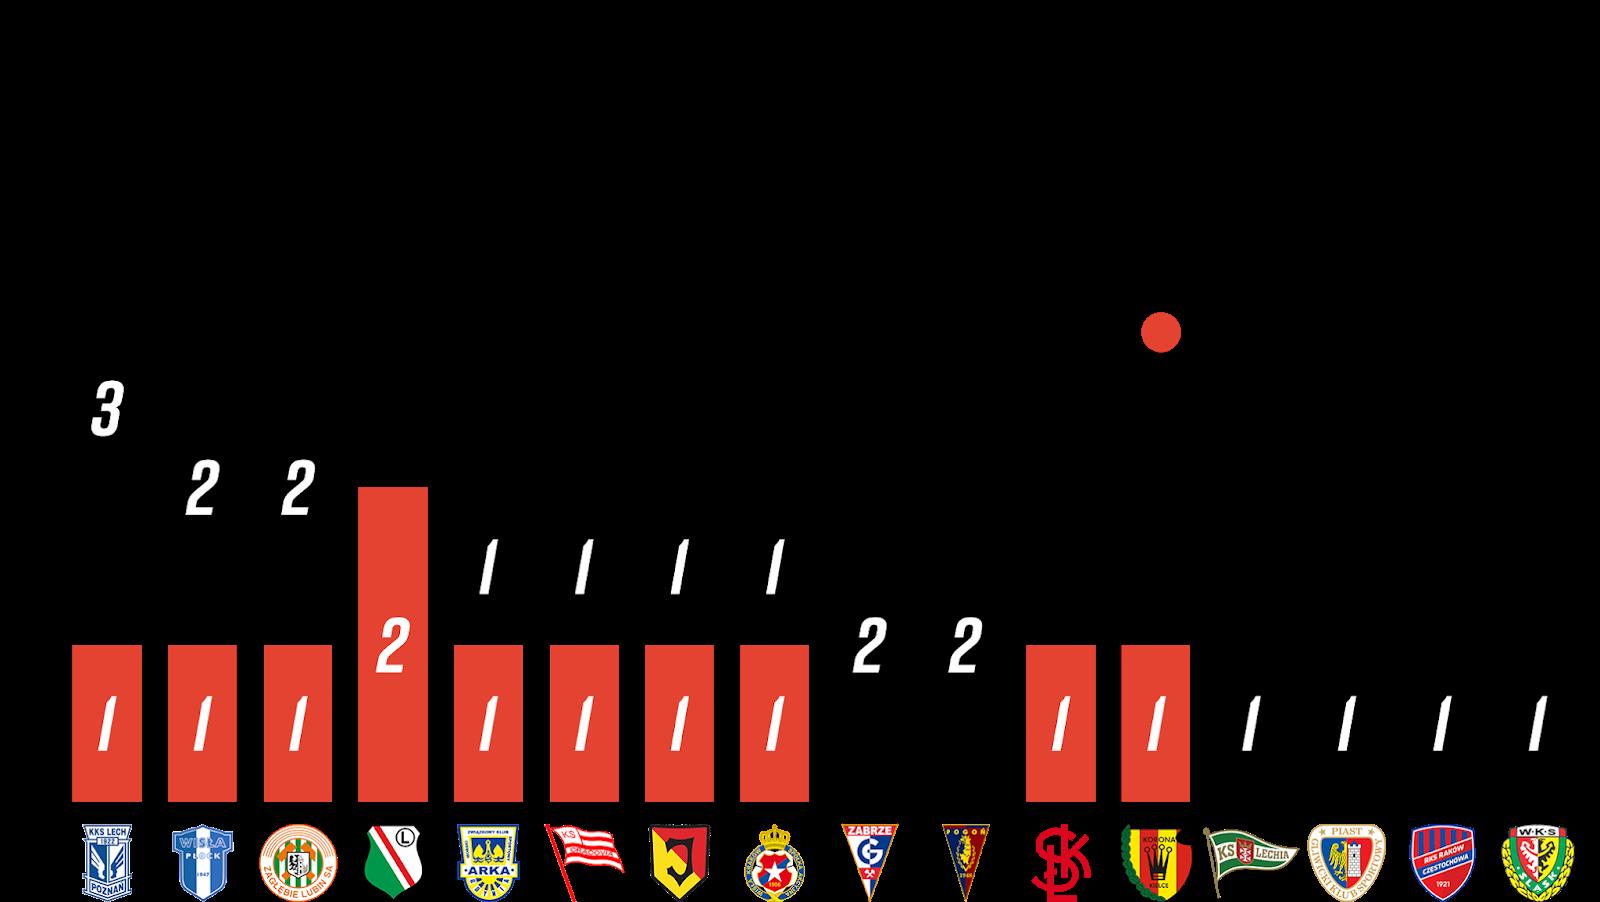 Młodzieżowcy w 1. kolejce PKO Ekstraklasy<br><br>Źródło: Opracowanie własne na podstawie 90minut.pl<br><br>graf. Bartosz Urban